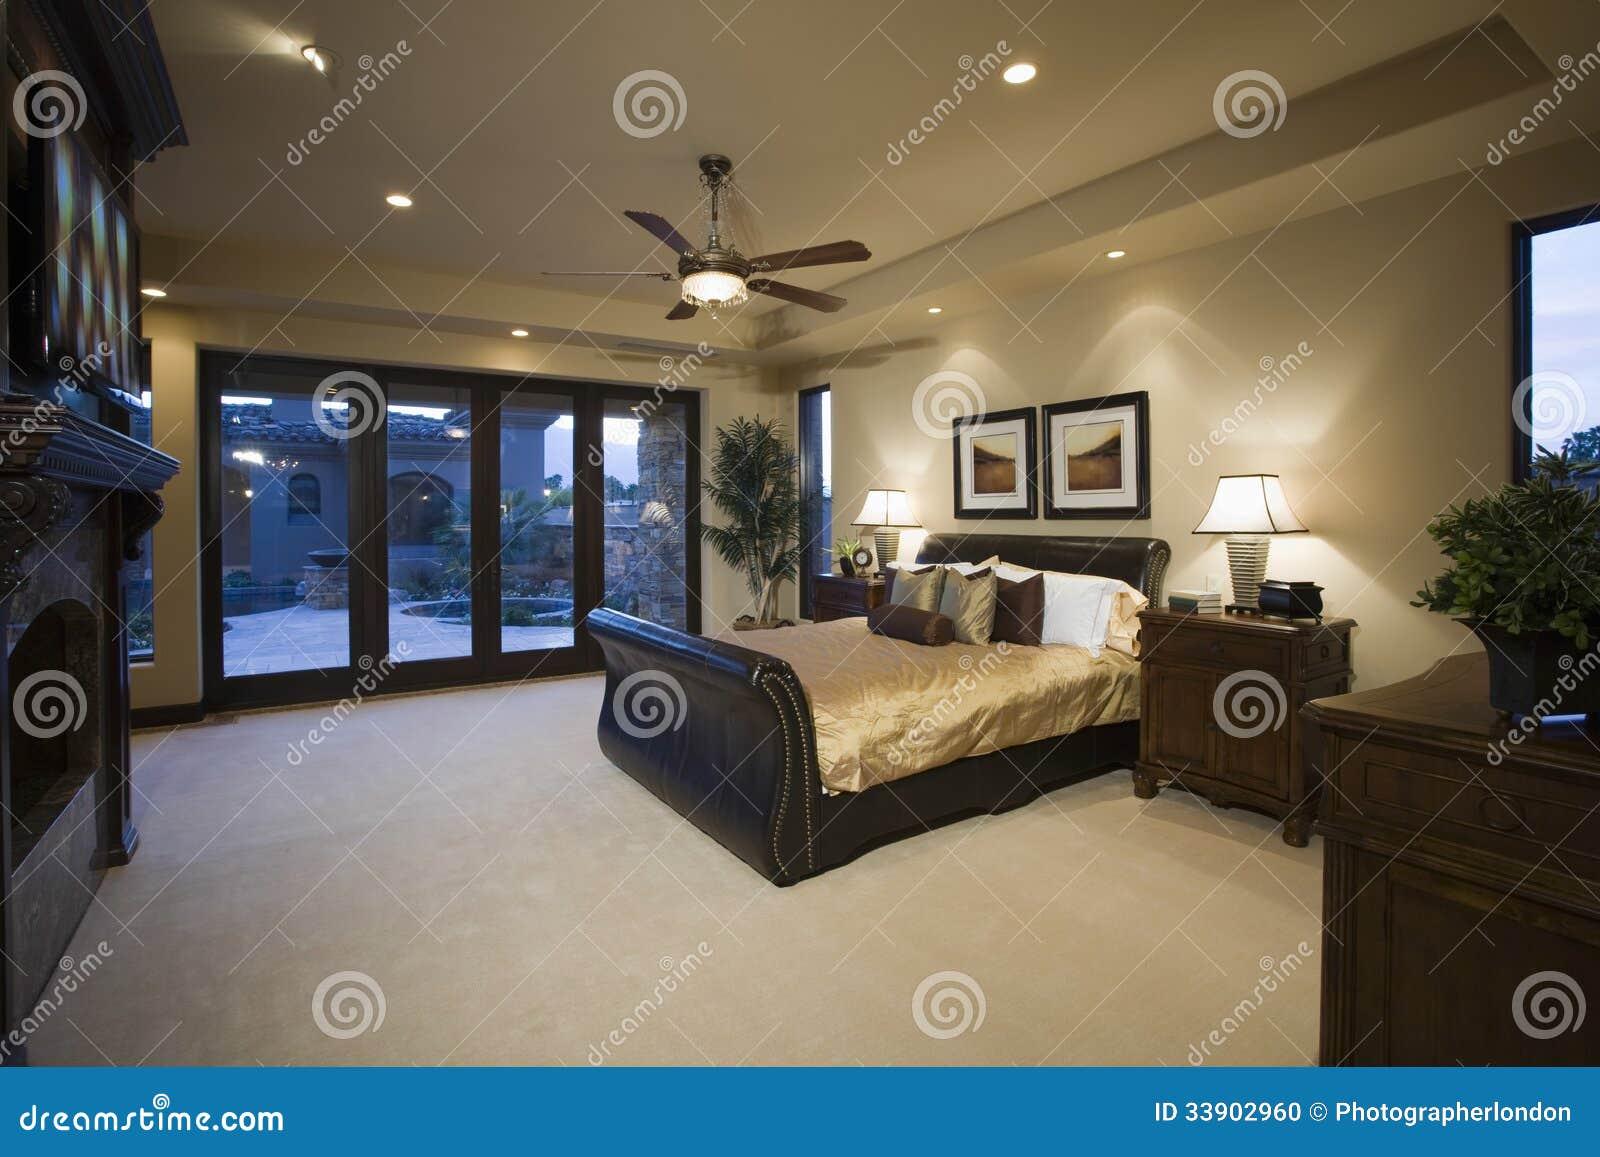 ... di legno scura in camera da letto con il ventilatore da soffitto